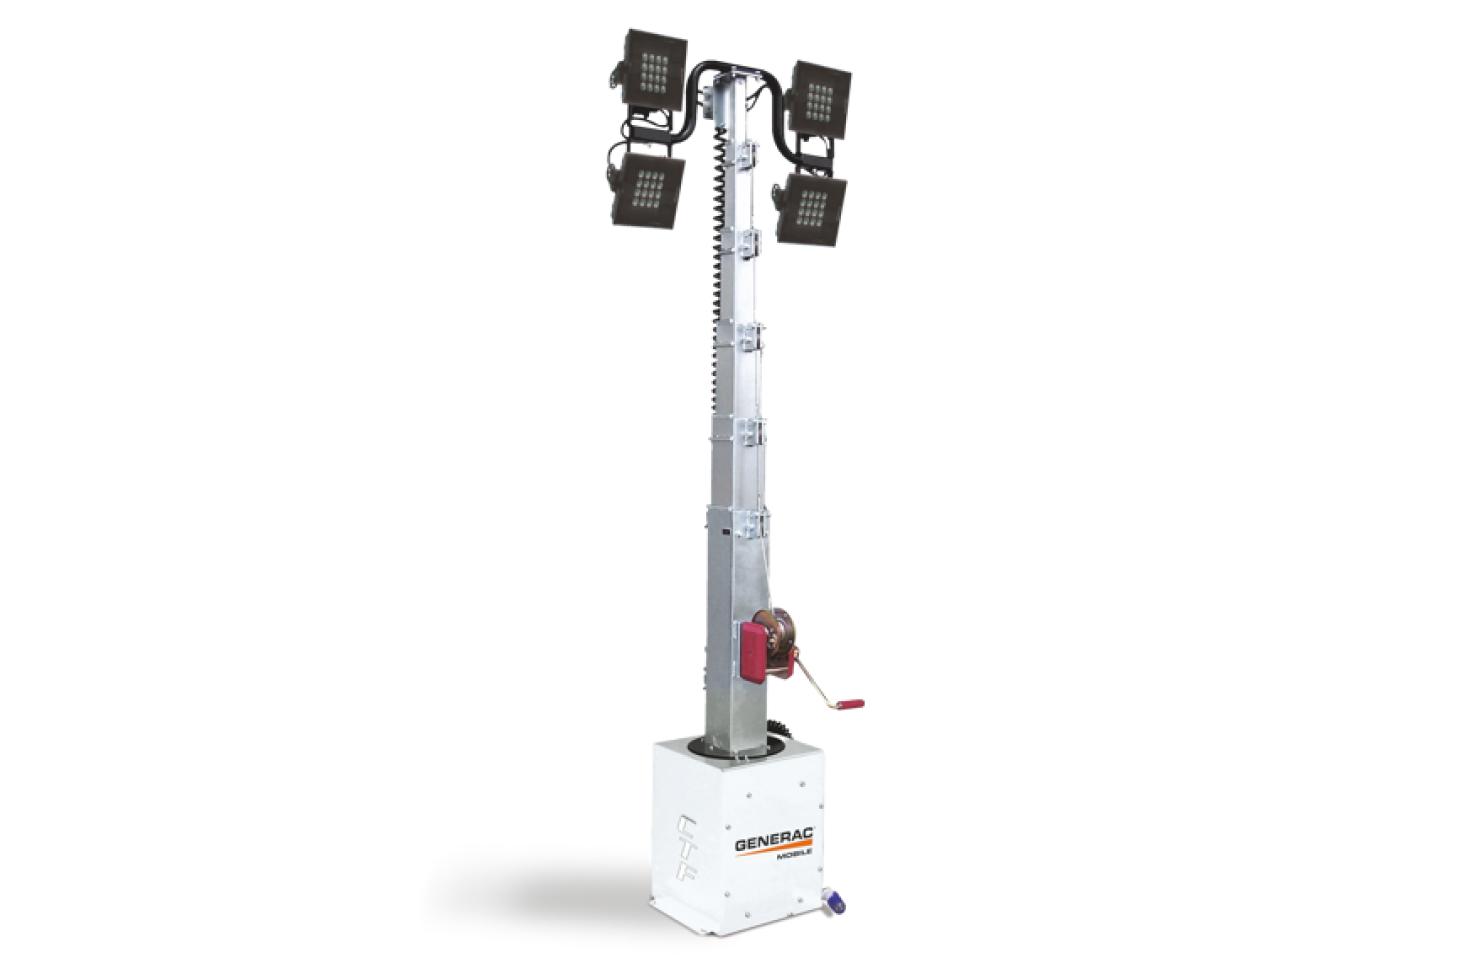 GENERAC MOBILE CTF 5 Электрическая осветительная мачта